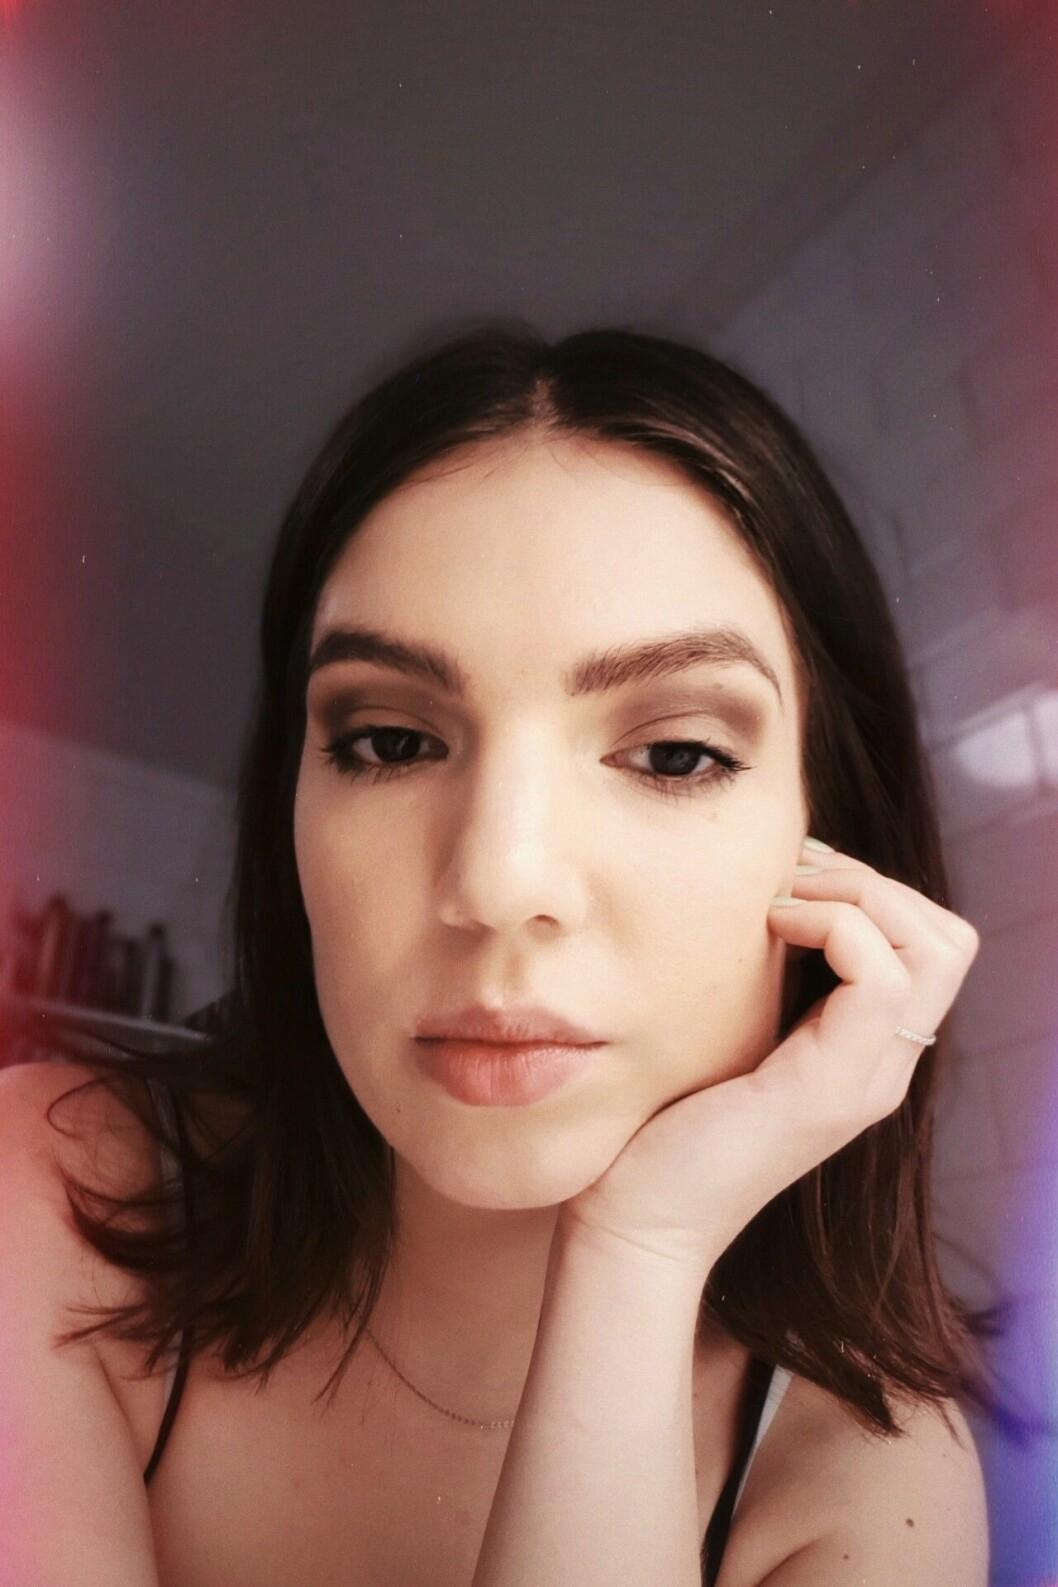 Efter 10 år slutar Annahita Yazdi skönhetsblogga.